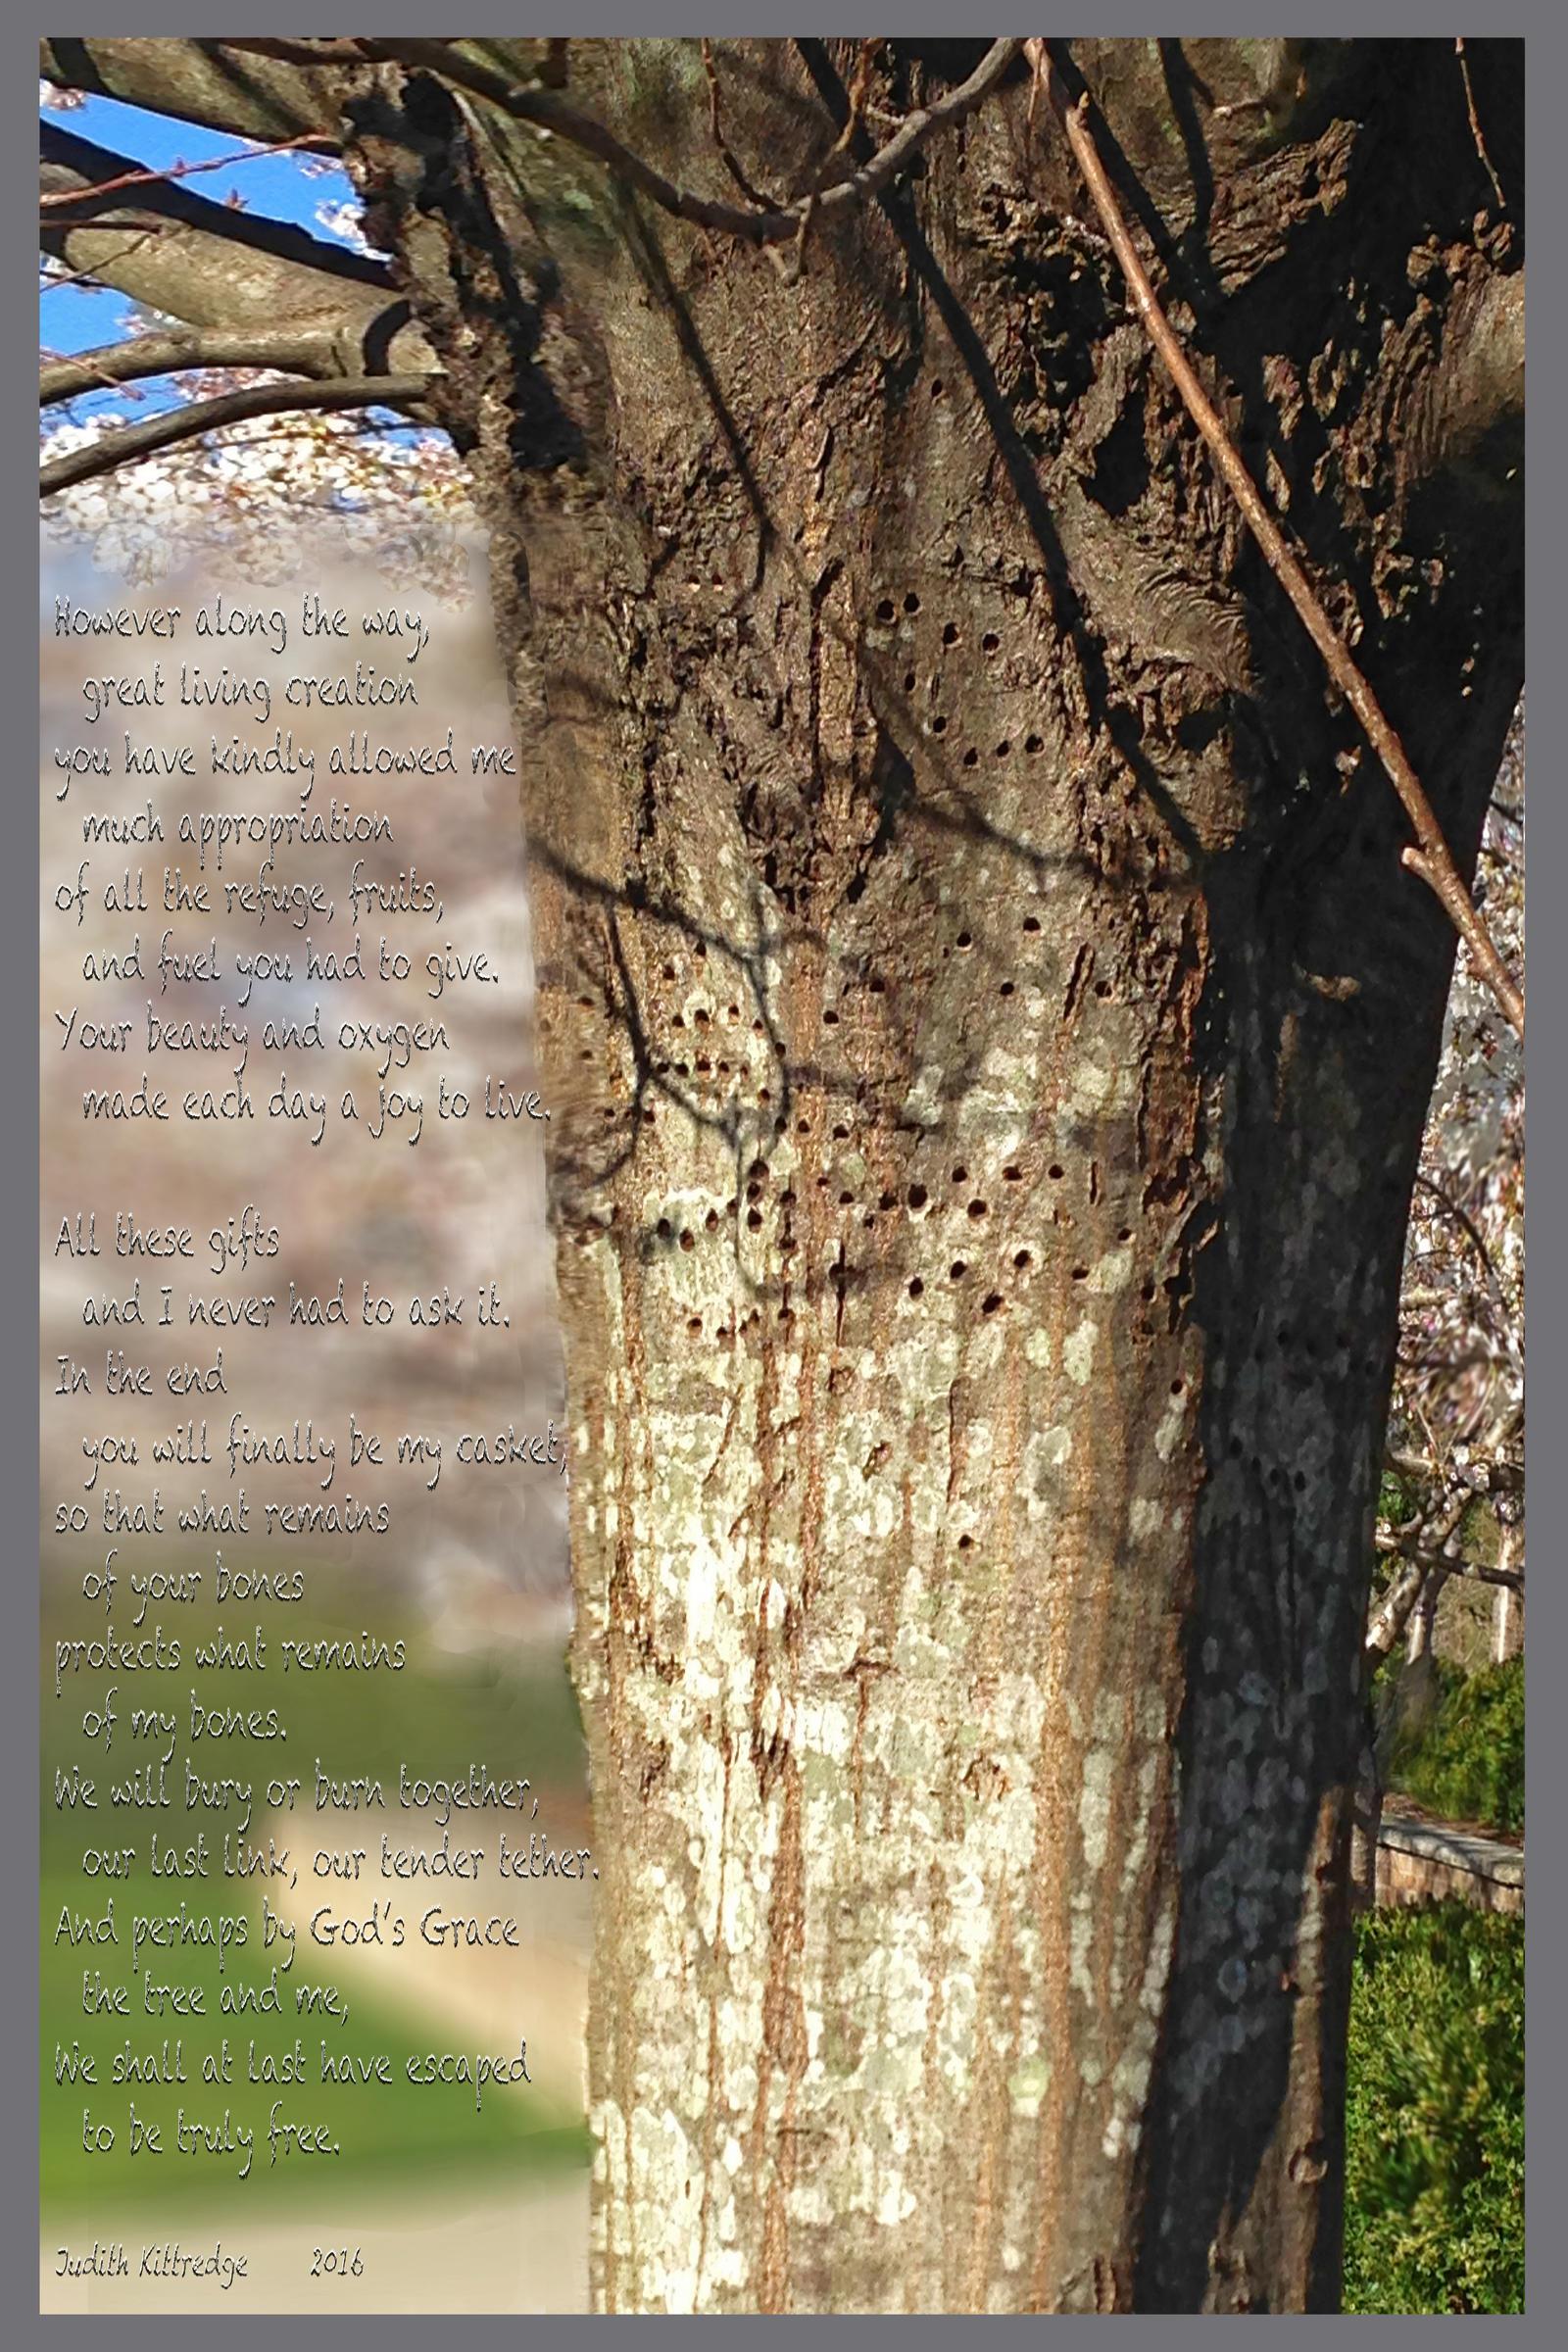 TreeThirdFramed by JKittredge